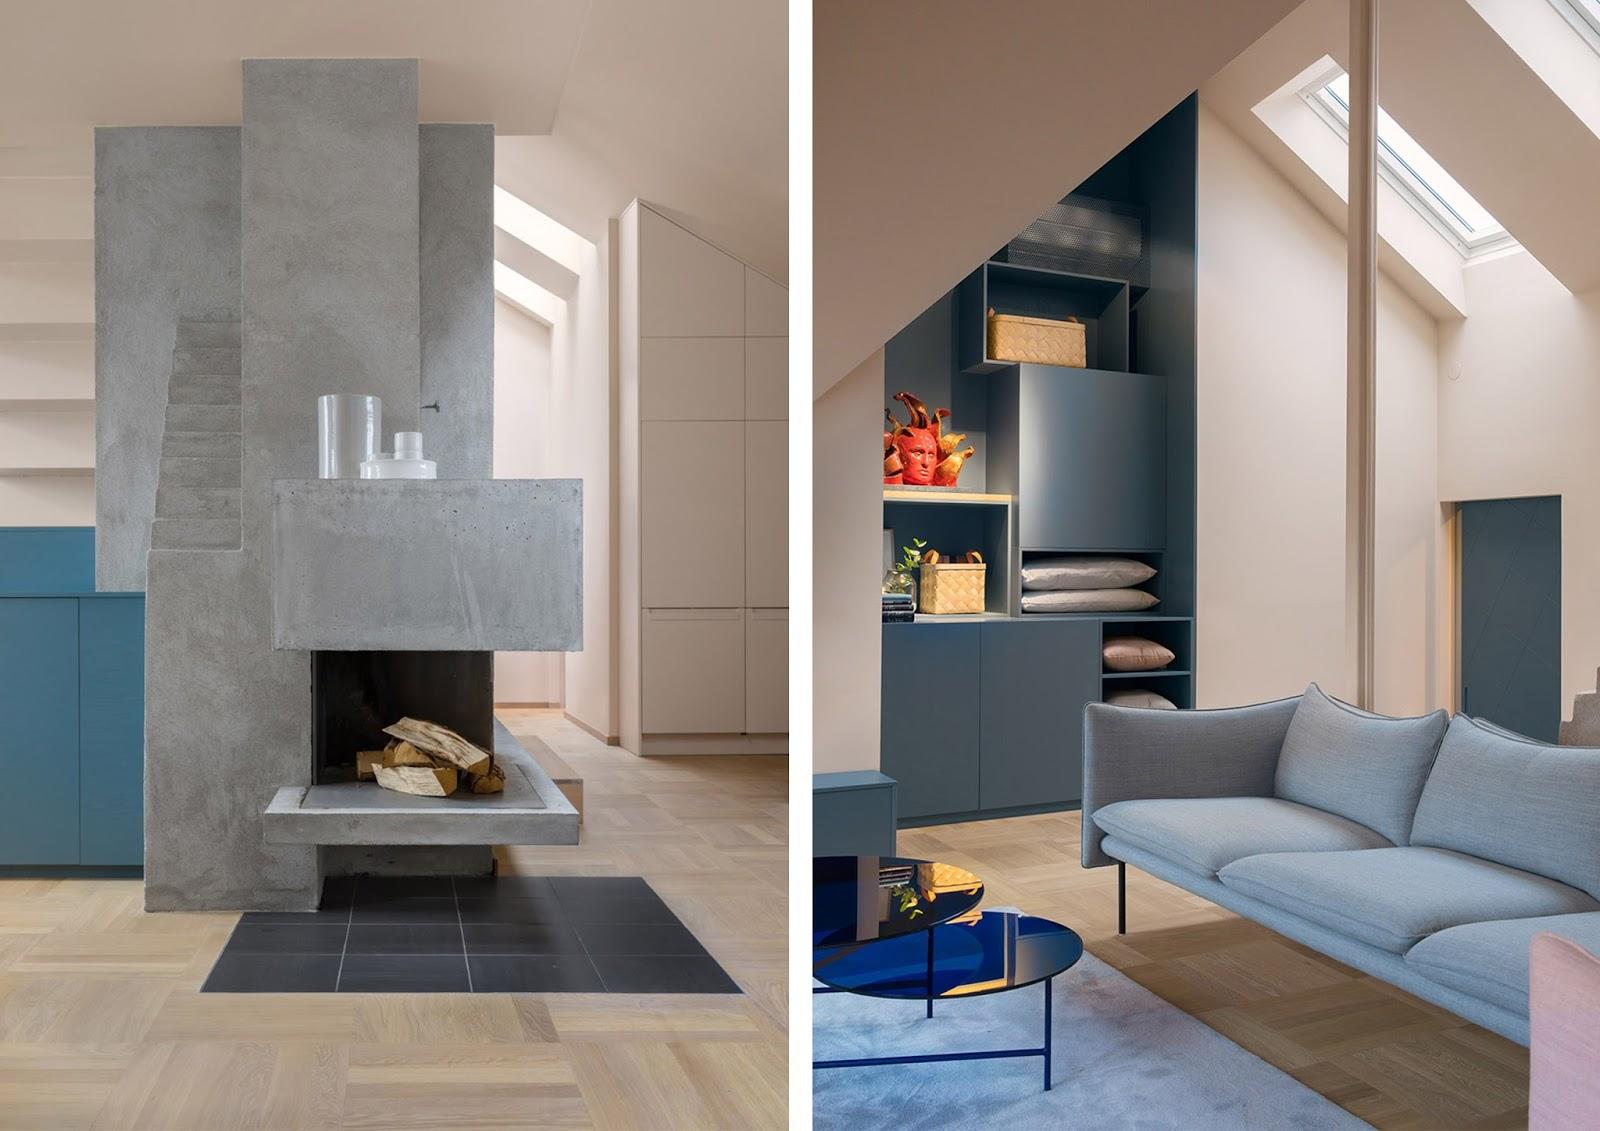 Colori Pareti Casa Beige : Colori di pareti interne